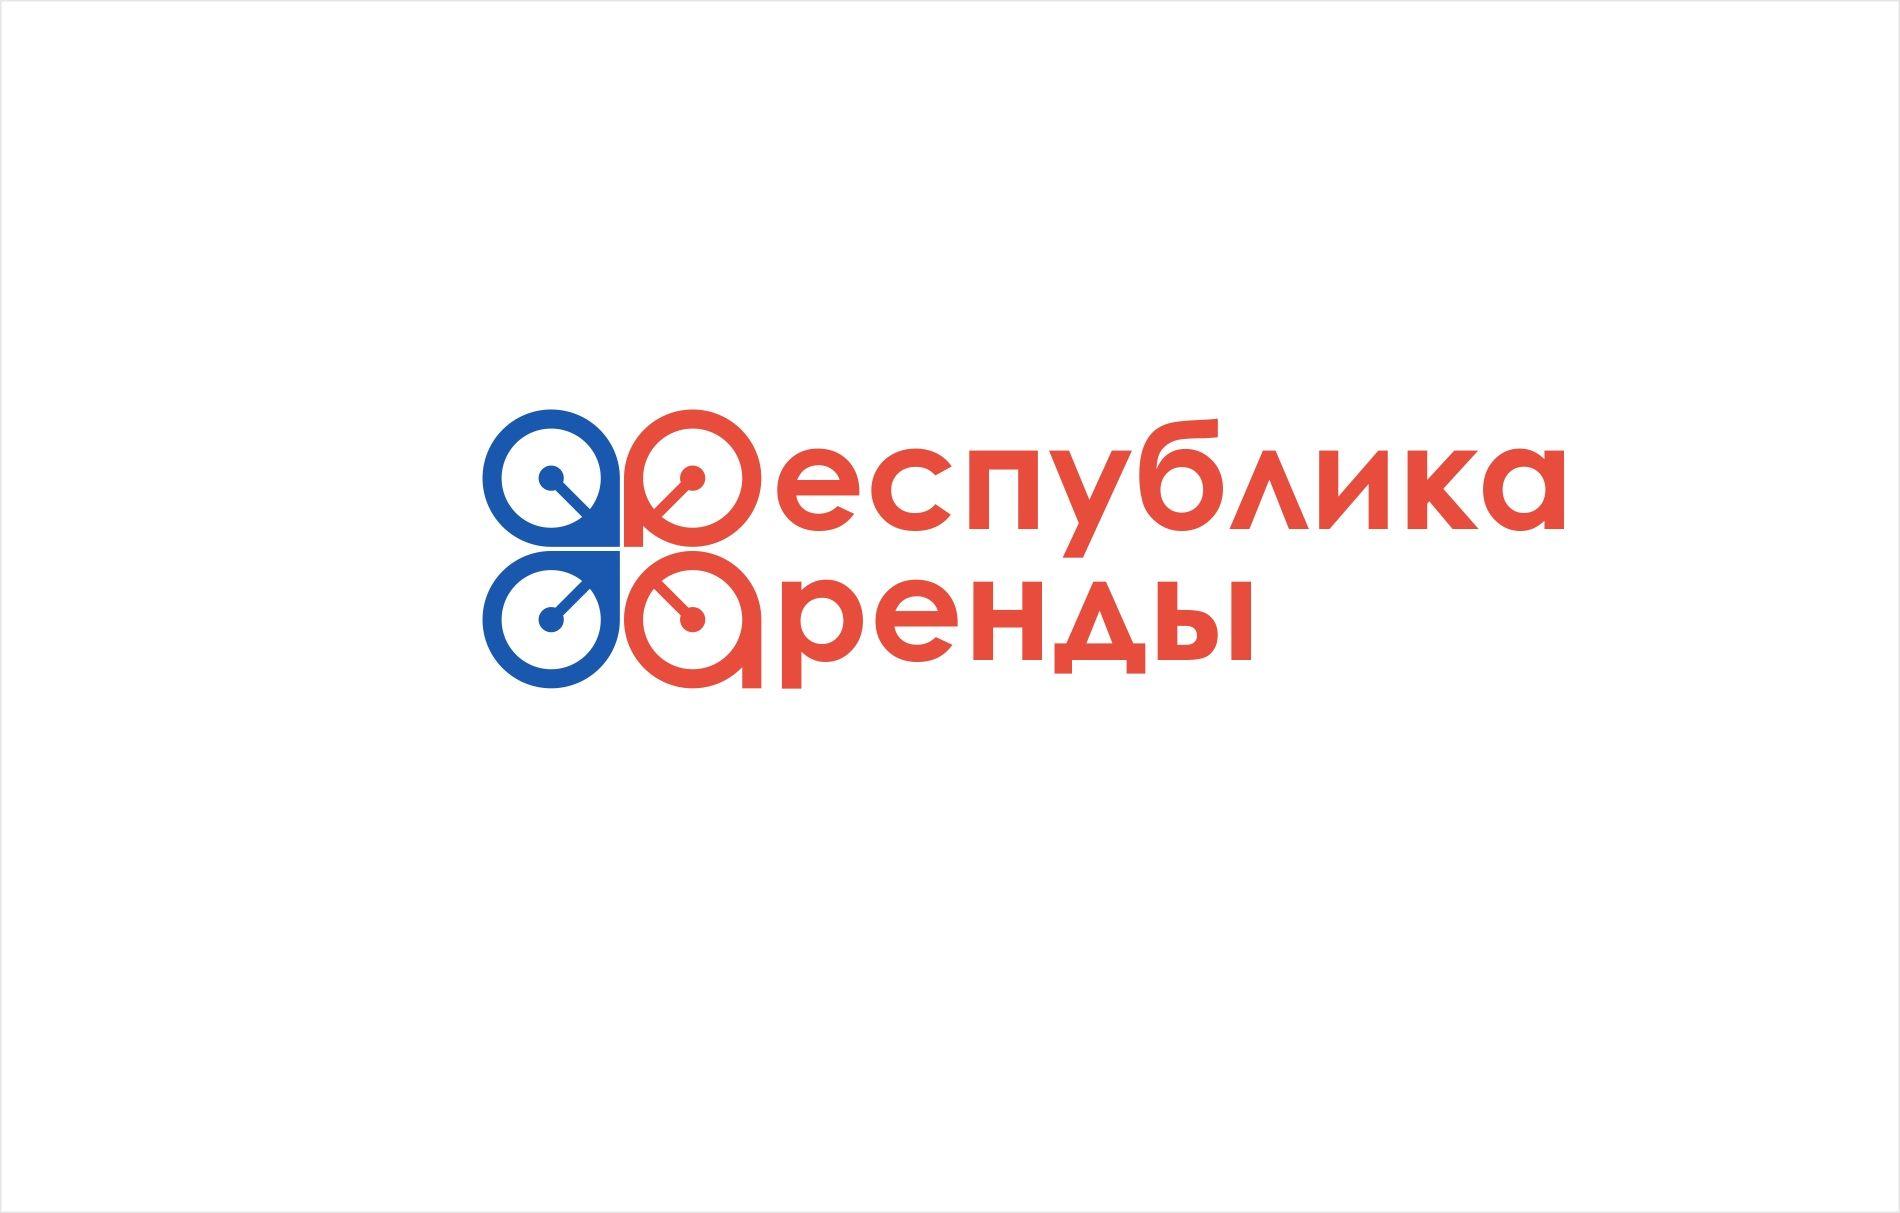 Логотип для компании по аренде квадракоптеров - дизайнер kras-sky